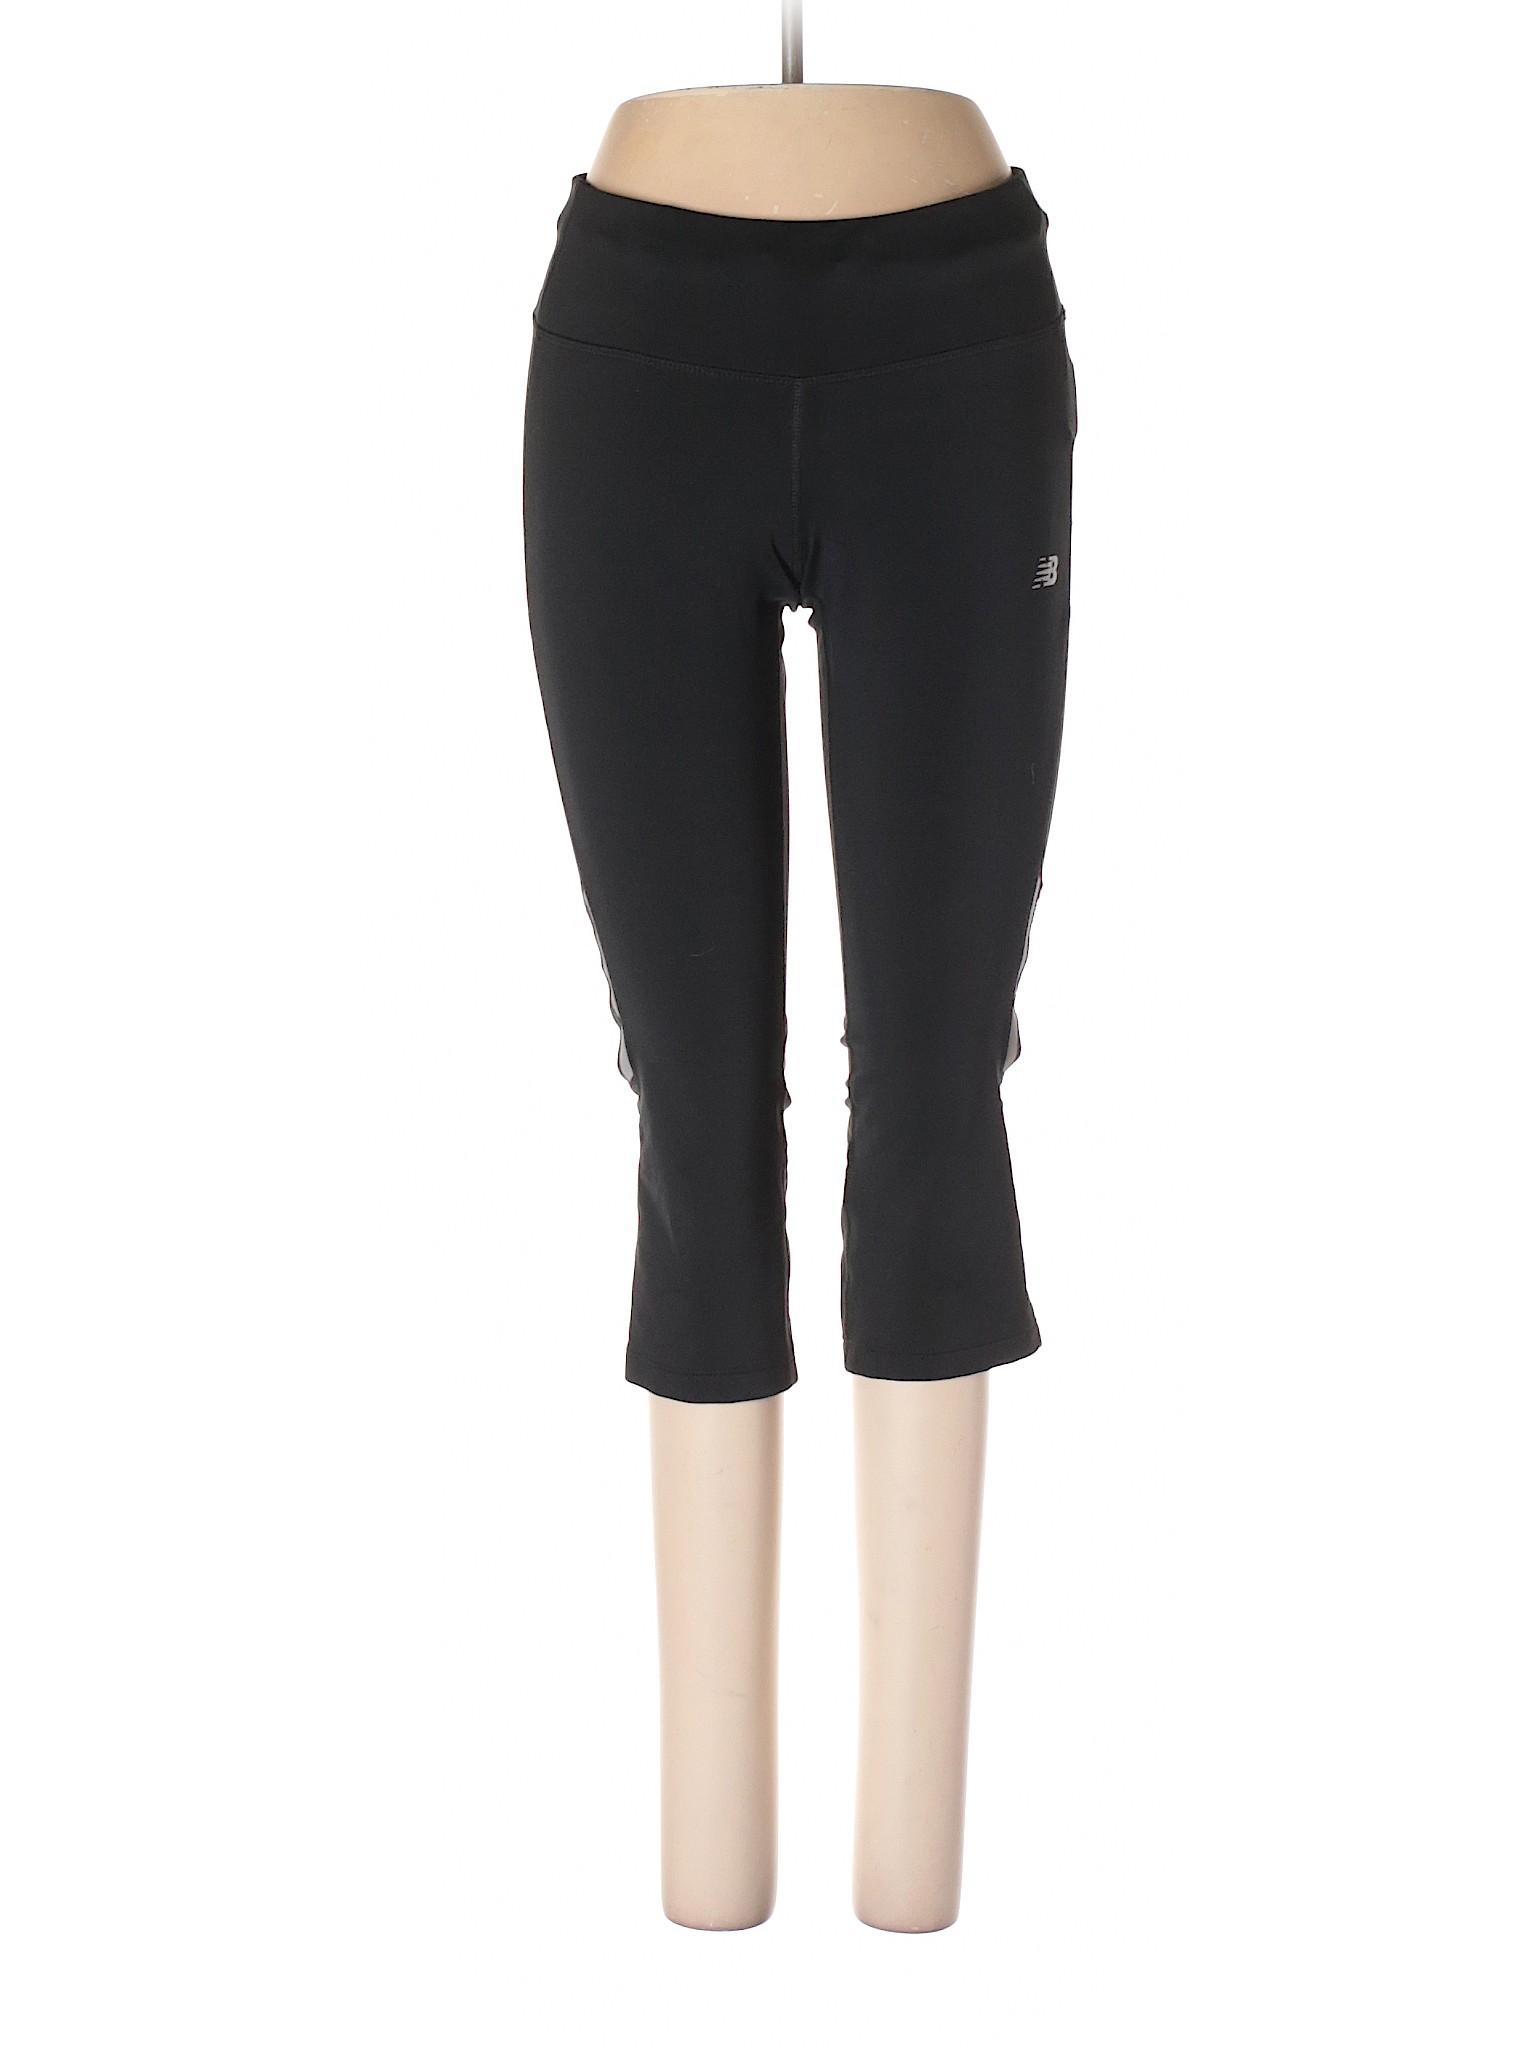 Balance New Active Pants Boutique winter 7qCPTT